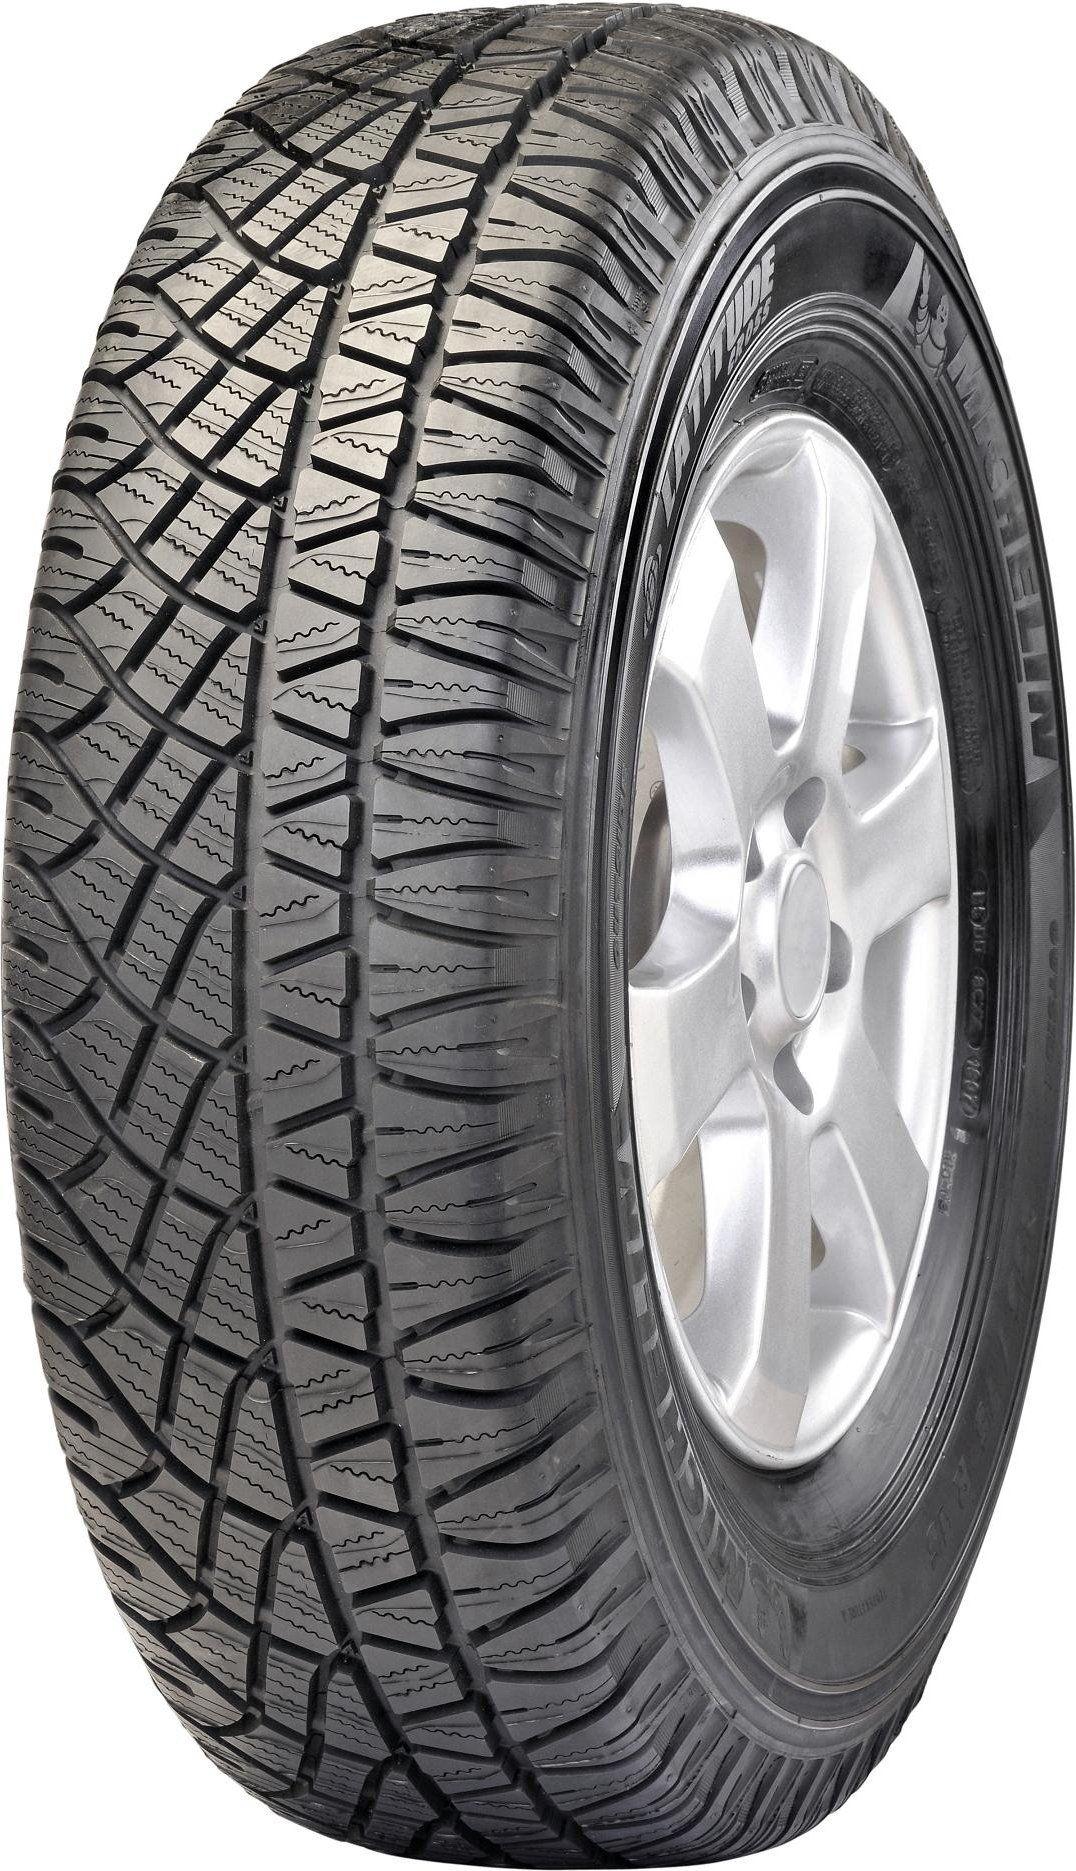 Michelin 235/85 R16 120 S